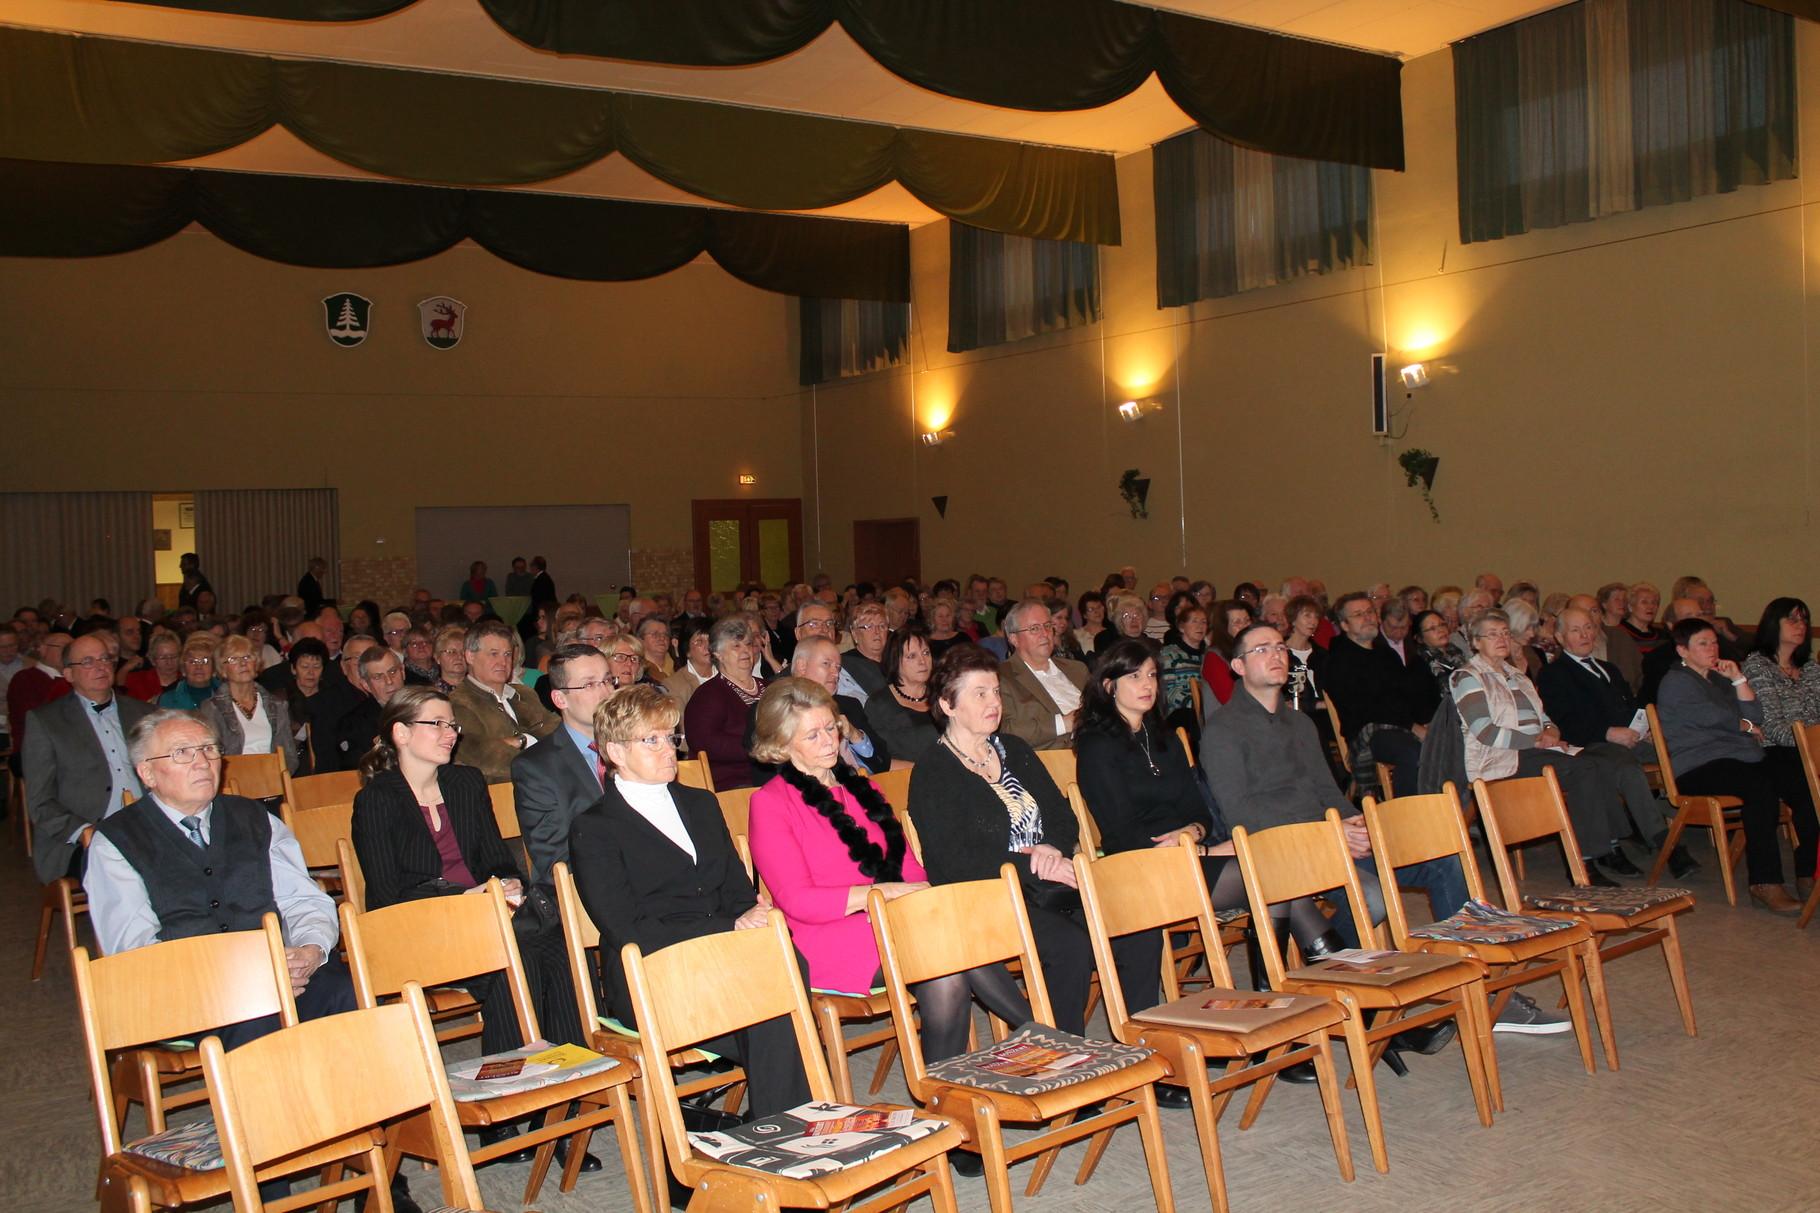 Ehrengäste - Hr. Johannes Krauß, Hr. Raoul Nägele mit Gattin, Fr. Brigitte Schlaud, Fr. Slike Forst-Schlaud